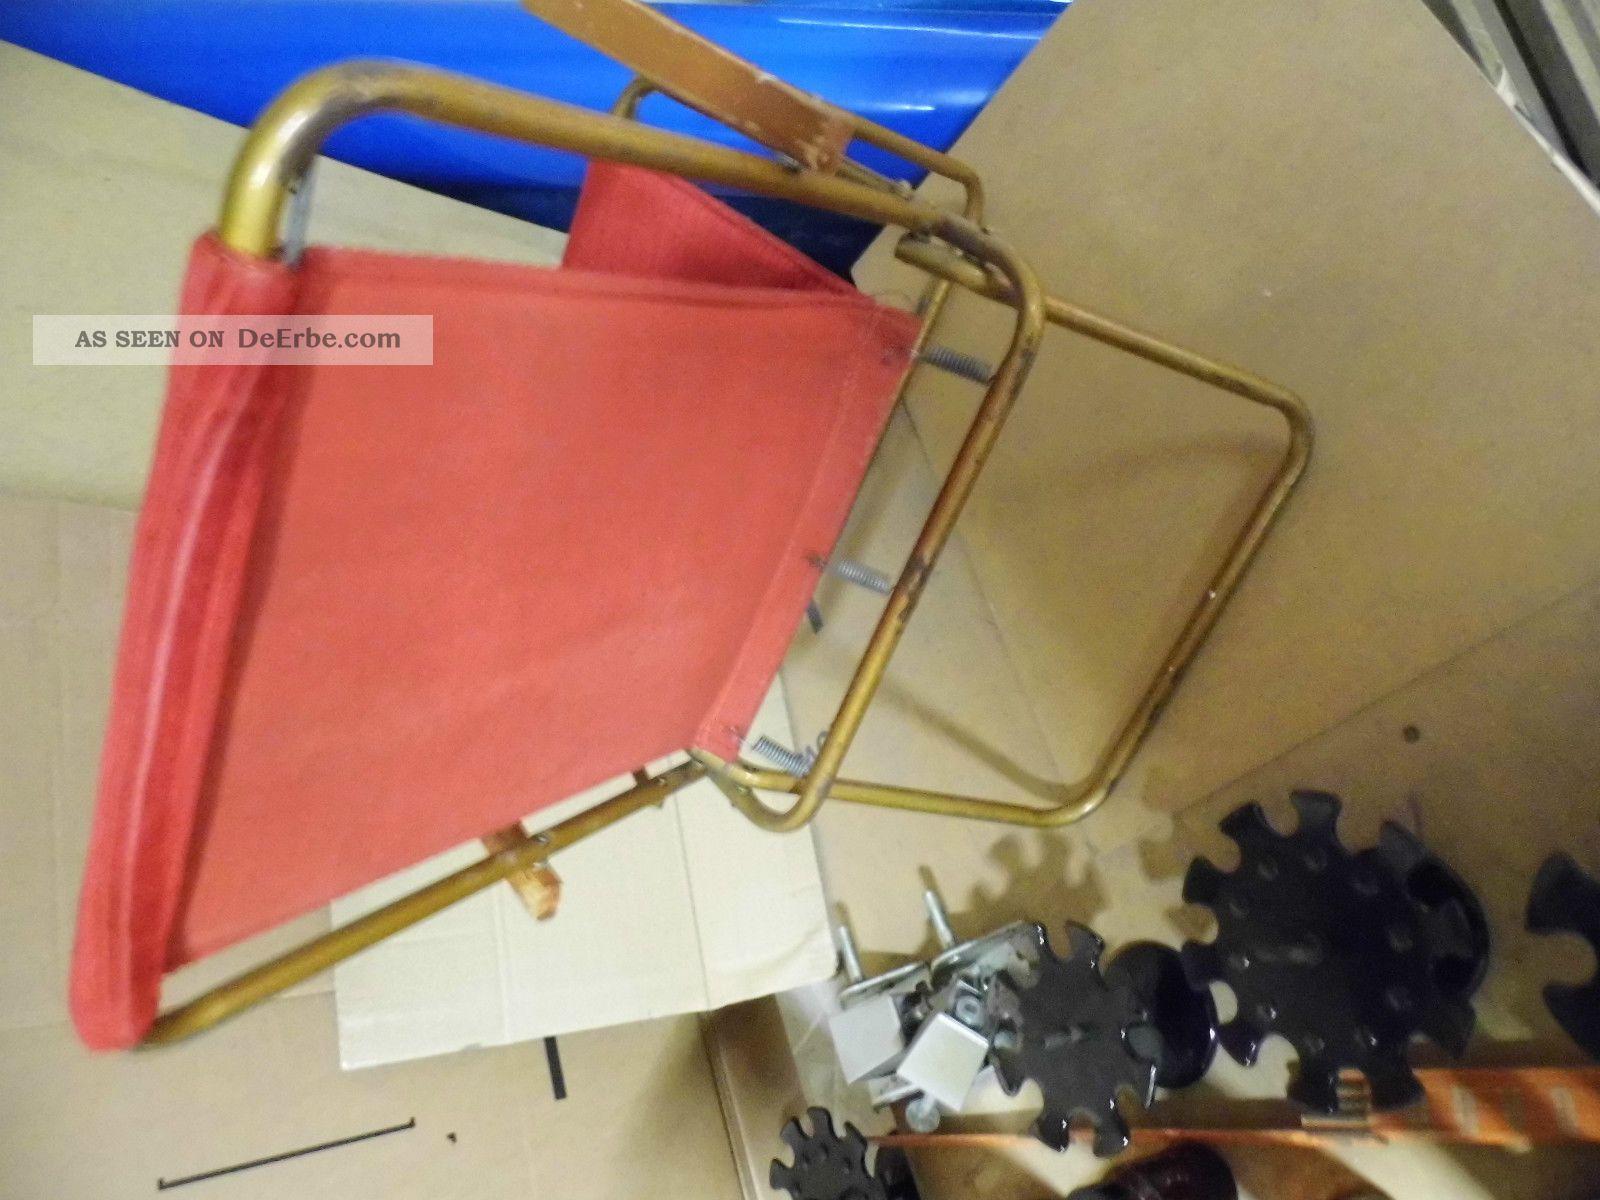 60er jahre kinder klappstuhl camping stuhl. Black Bedroom Furniture Sets. Home Design Ideas